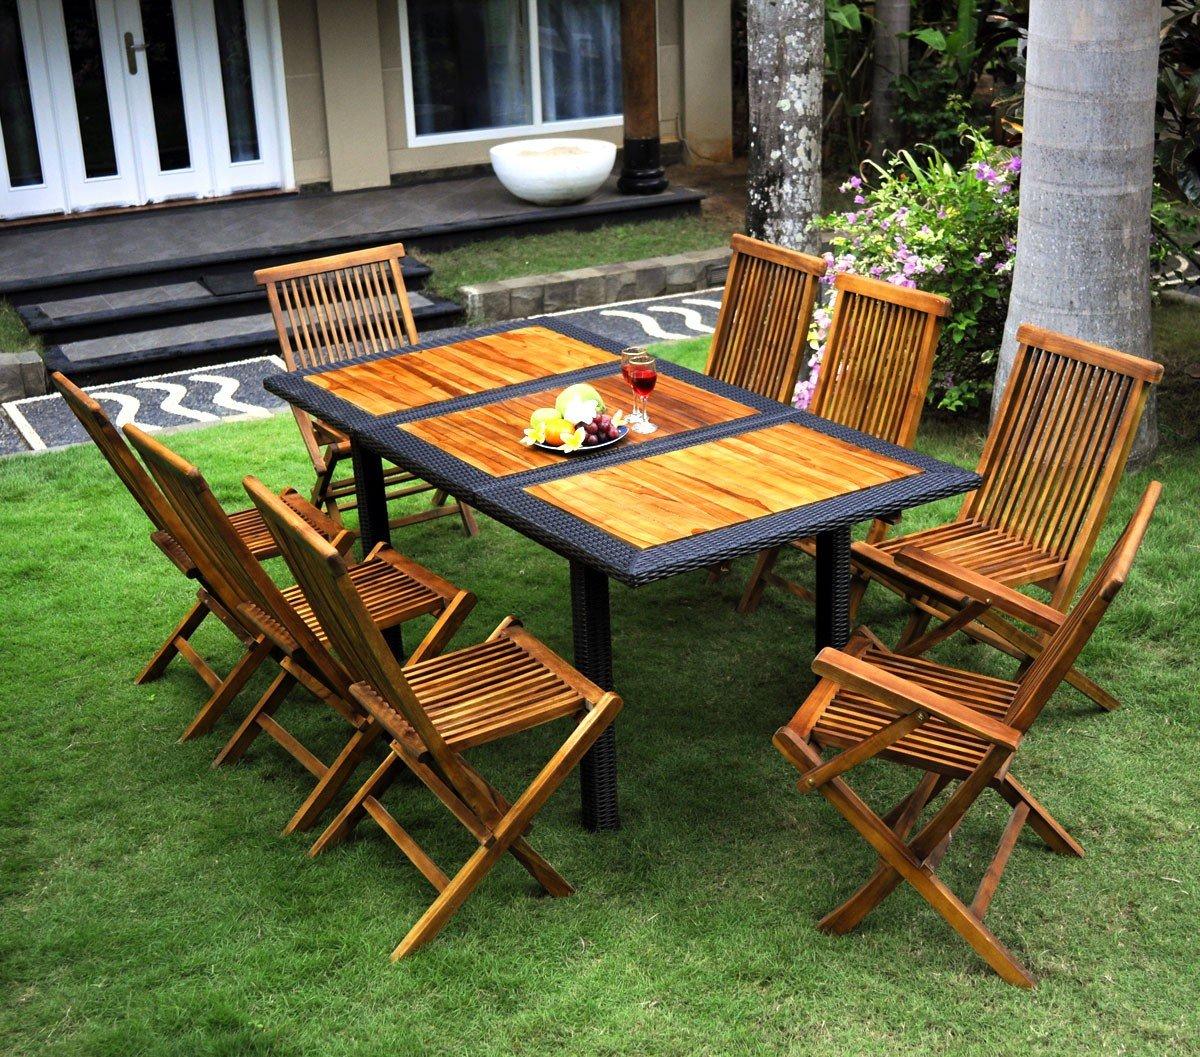 Muebles de madera de teca y resina de mesa y sillas de jardín 8 personas: Amazon.es: Hogar